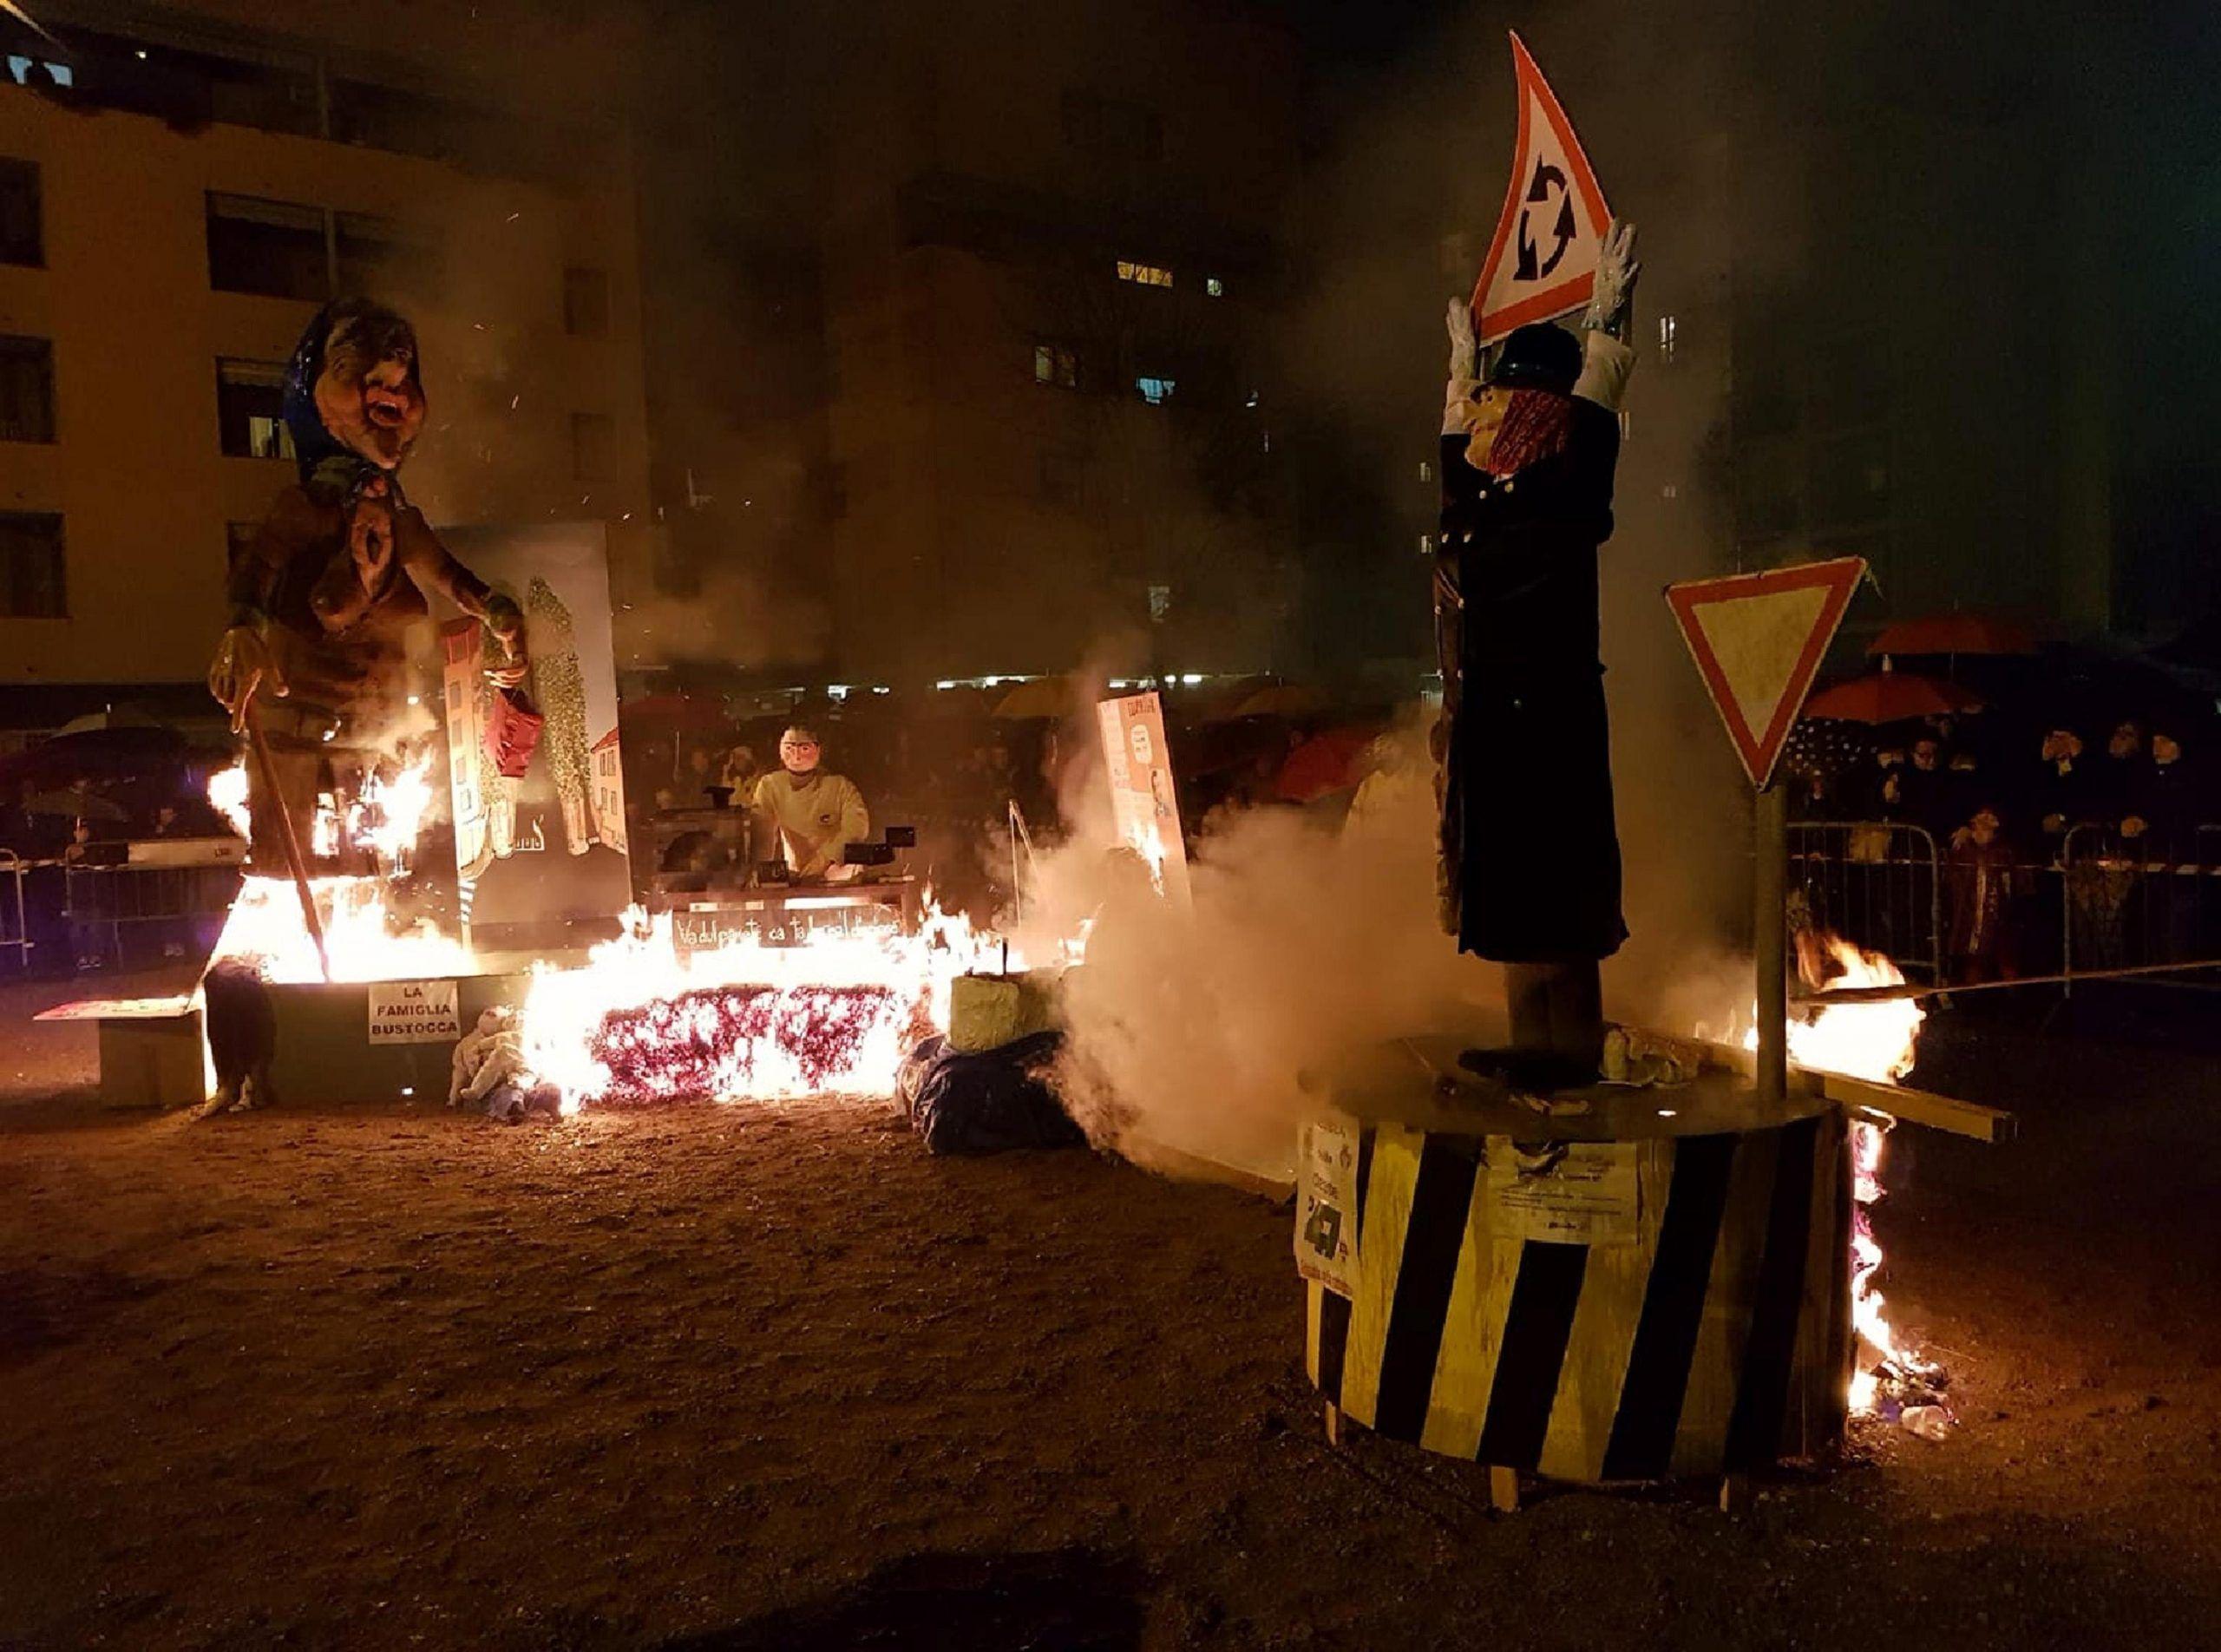 Lega, i Giovani Padani di Busto Arsizio bruciano in piazza un fantoccio di Laura Boldrini: polemica